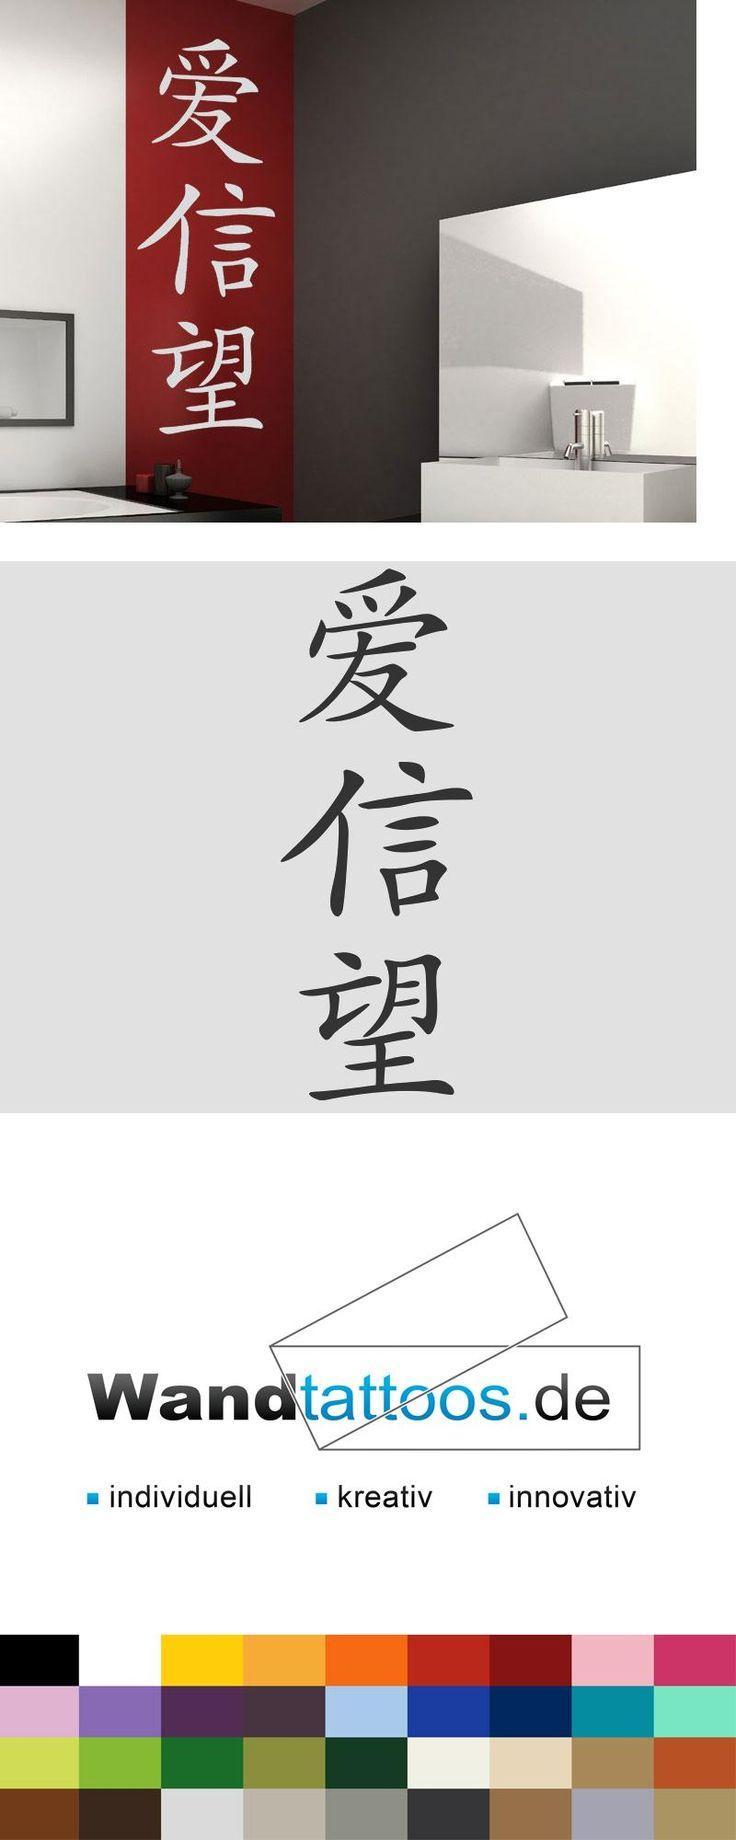 """Wandtattoo Chinesisches Zeichen """"Liebe, Glaube, Hoffnung"""" als Idee zur individuellen Wandgestaltung. Einfach Lieblingsfarbe und Größe auswählen. Weitere kreative Anregungen von Wandtattoos.de hier entdecken!"""